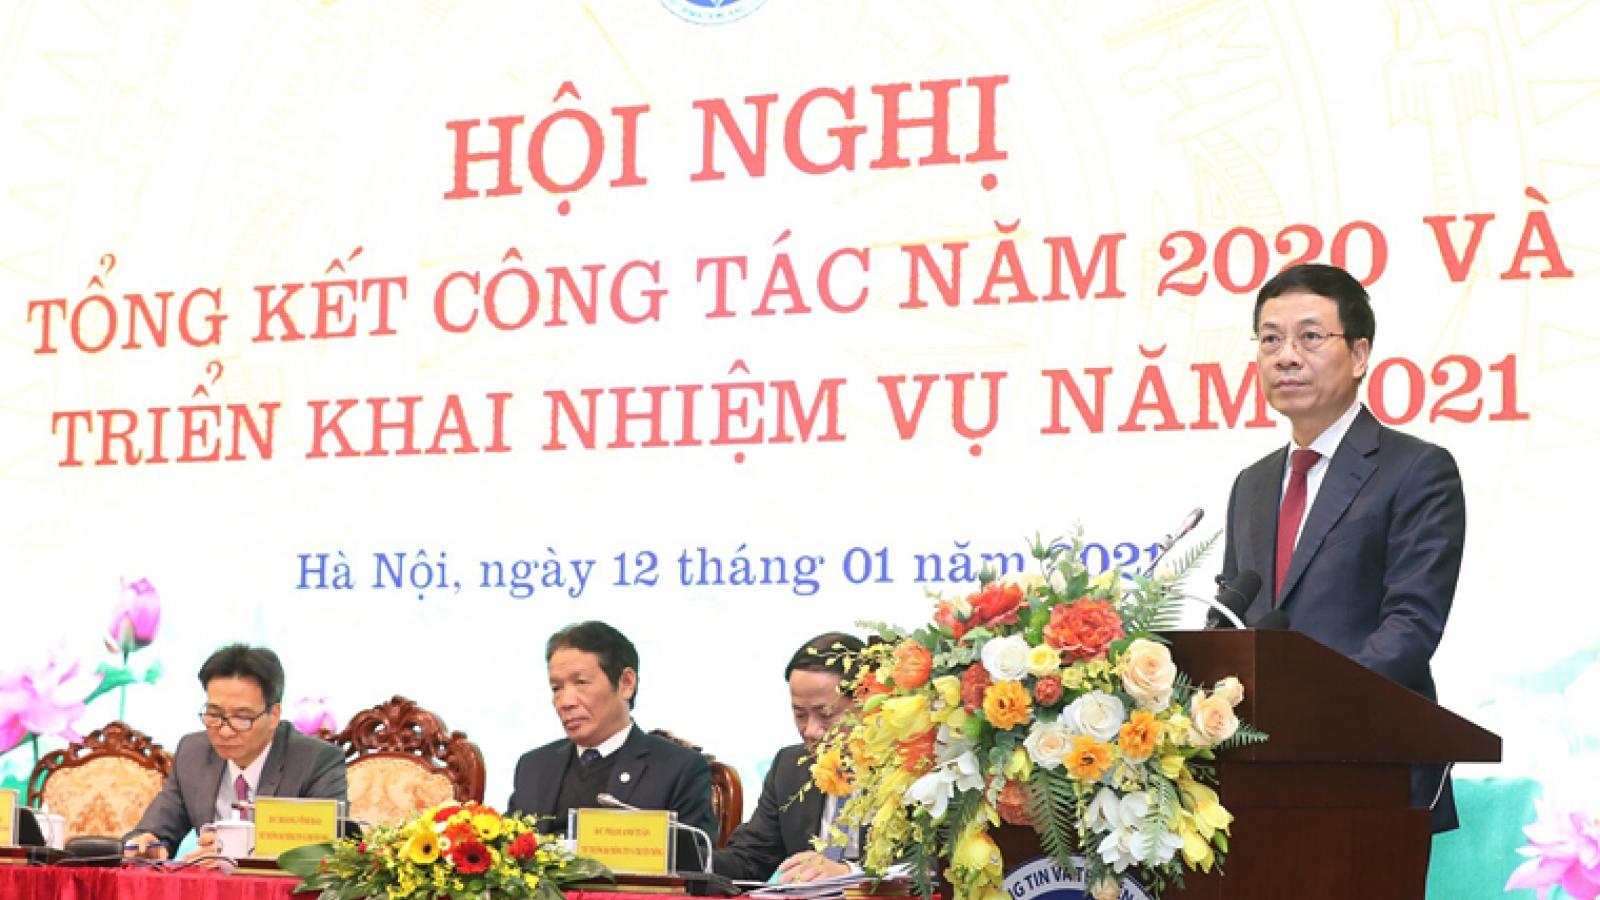 Bộ trưởng Nguyễn Mạnh Hùng: Ngành TT&TT đứng trước cơ may hiếm có định vị lại mình